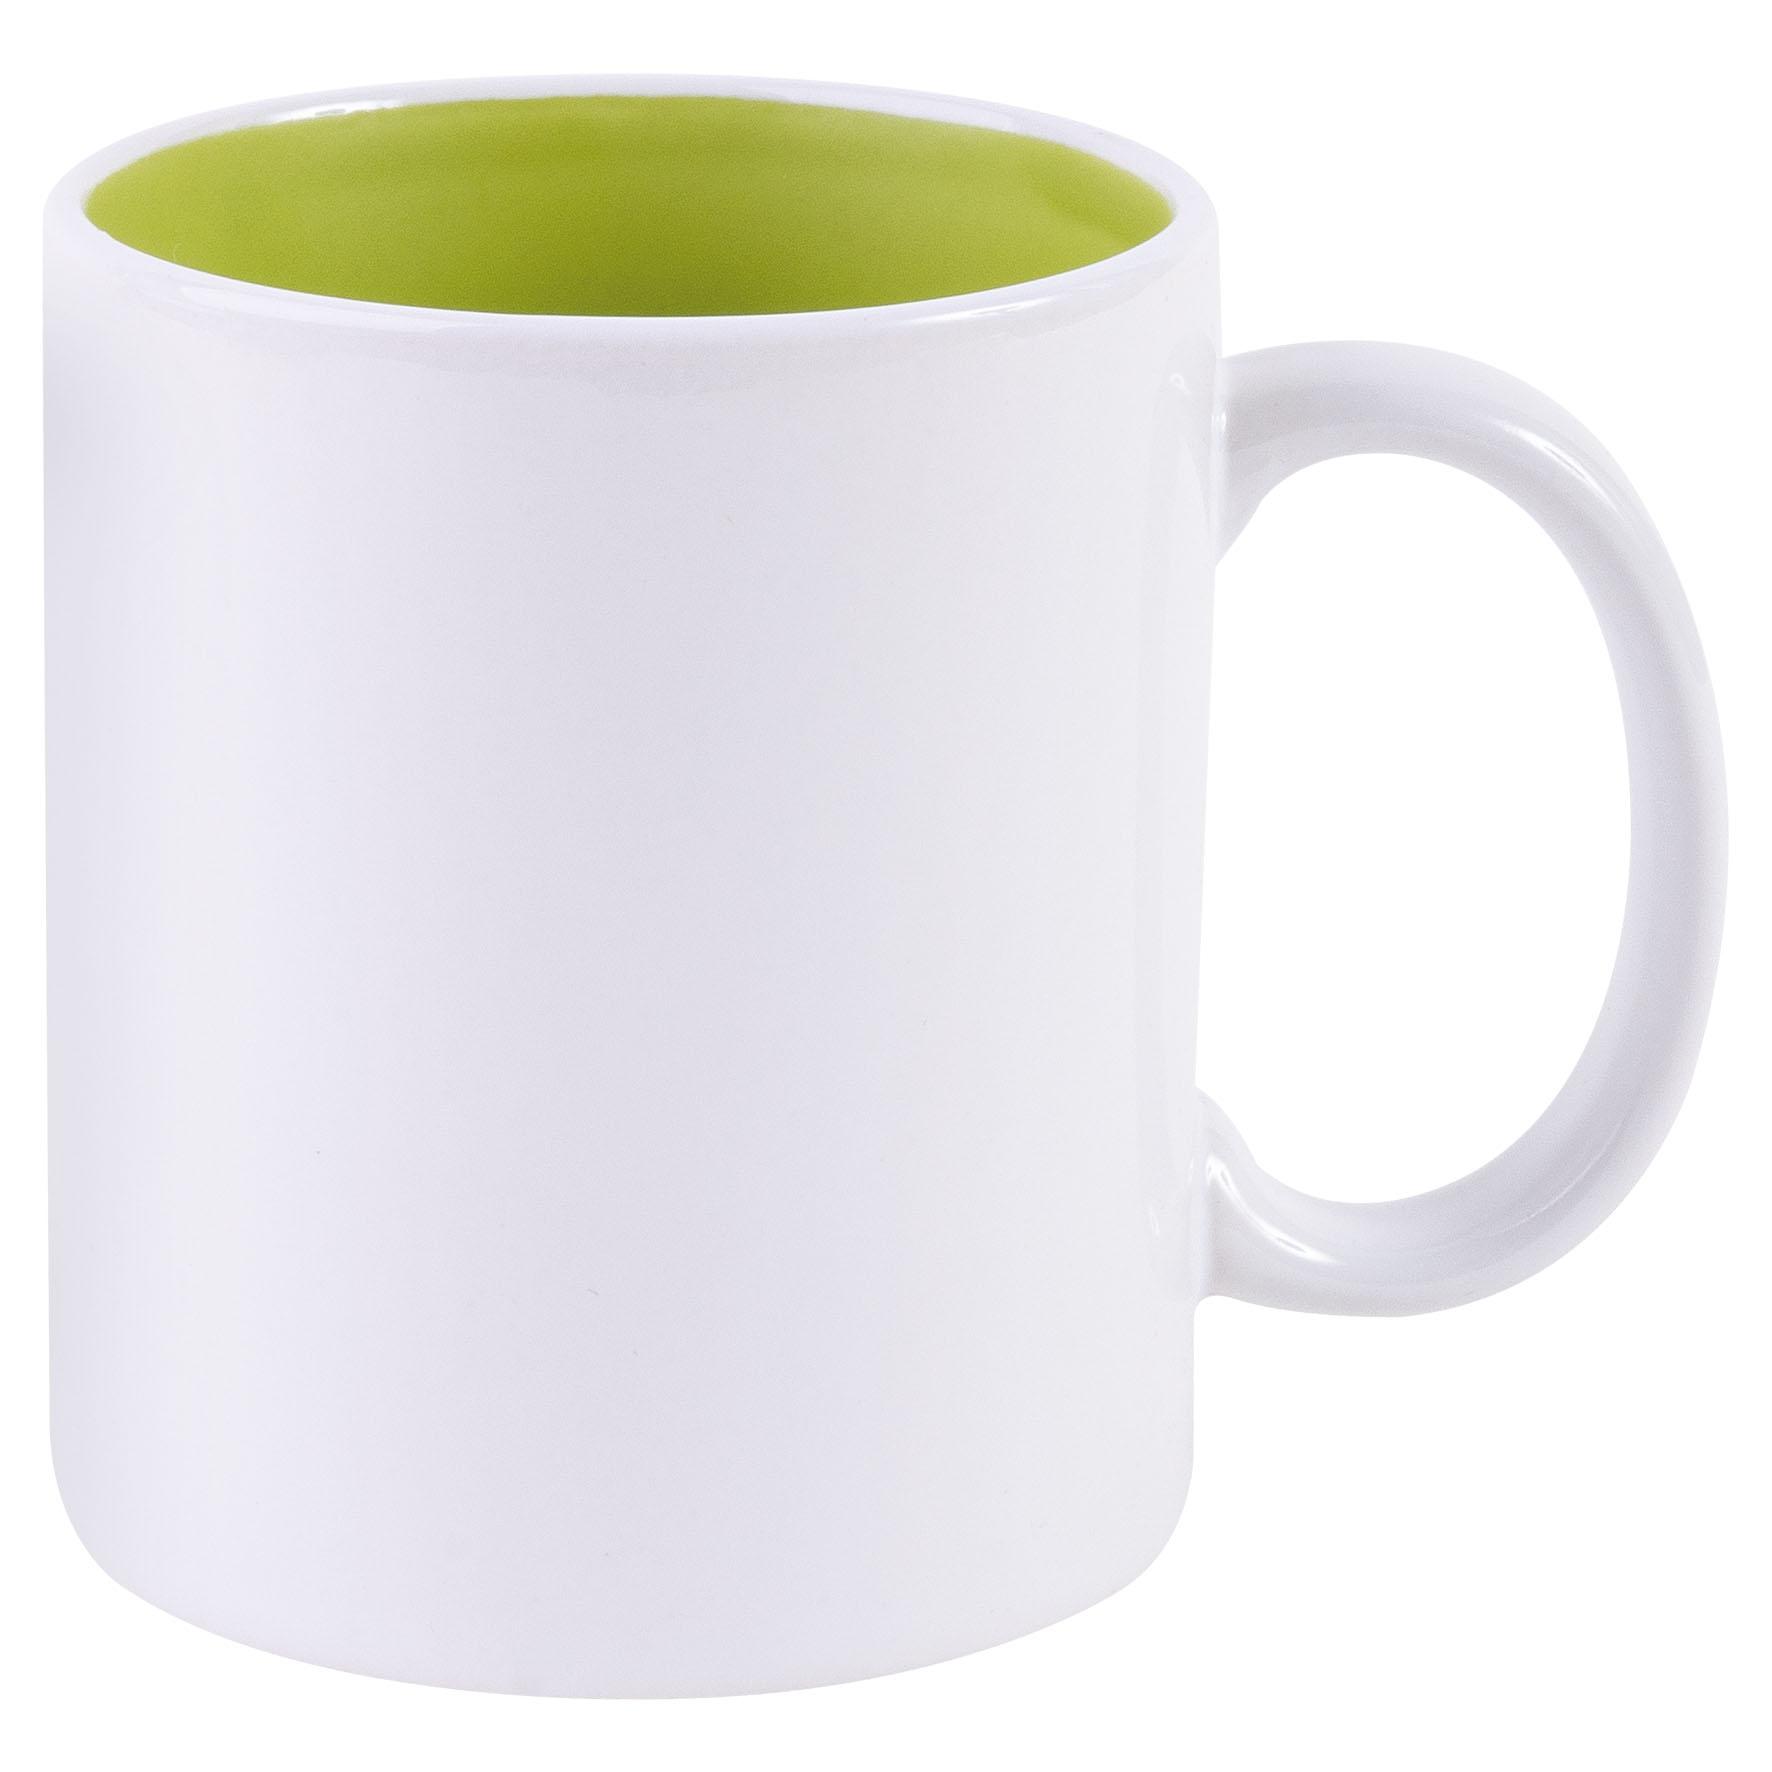 Mug publicitaire Bicolore pour sublimation 31 cl - mug personnalisable  - vert anis